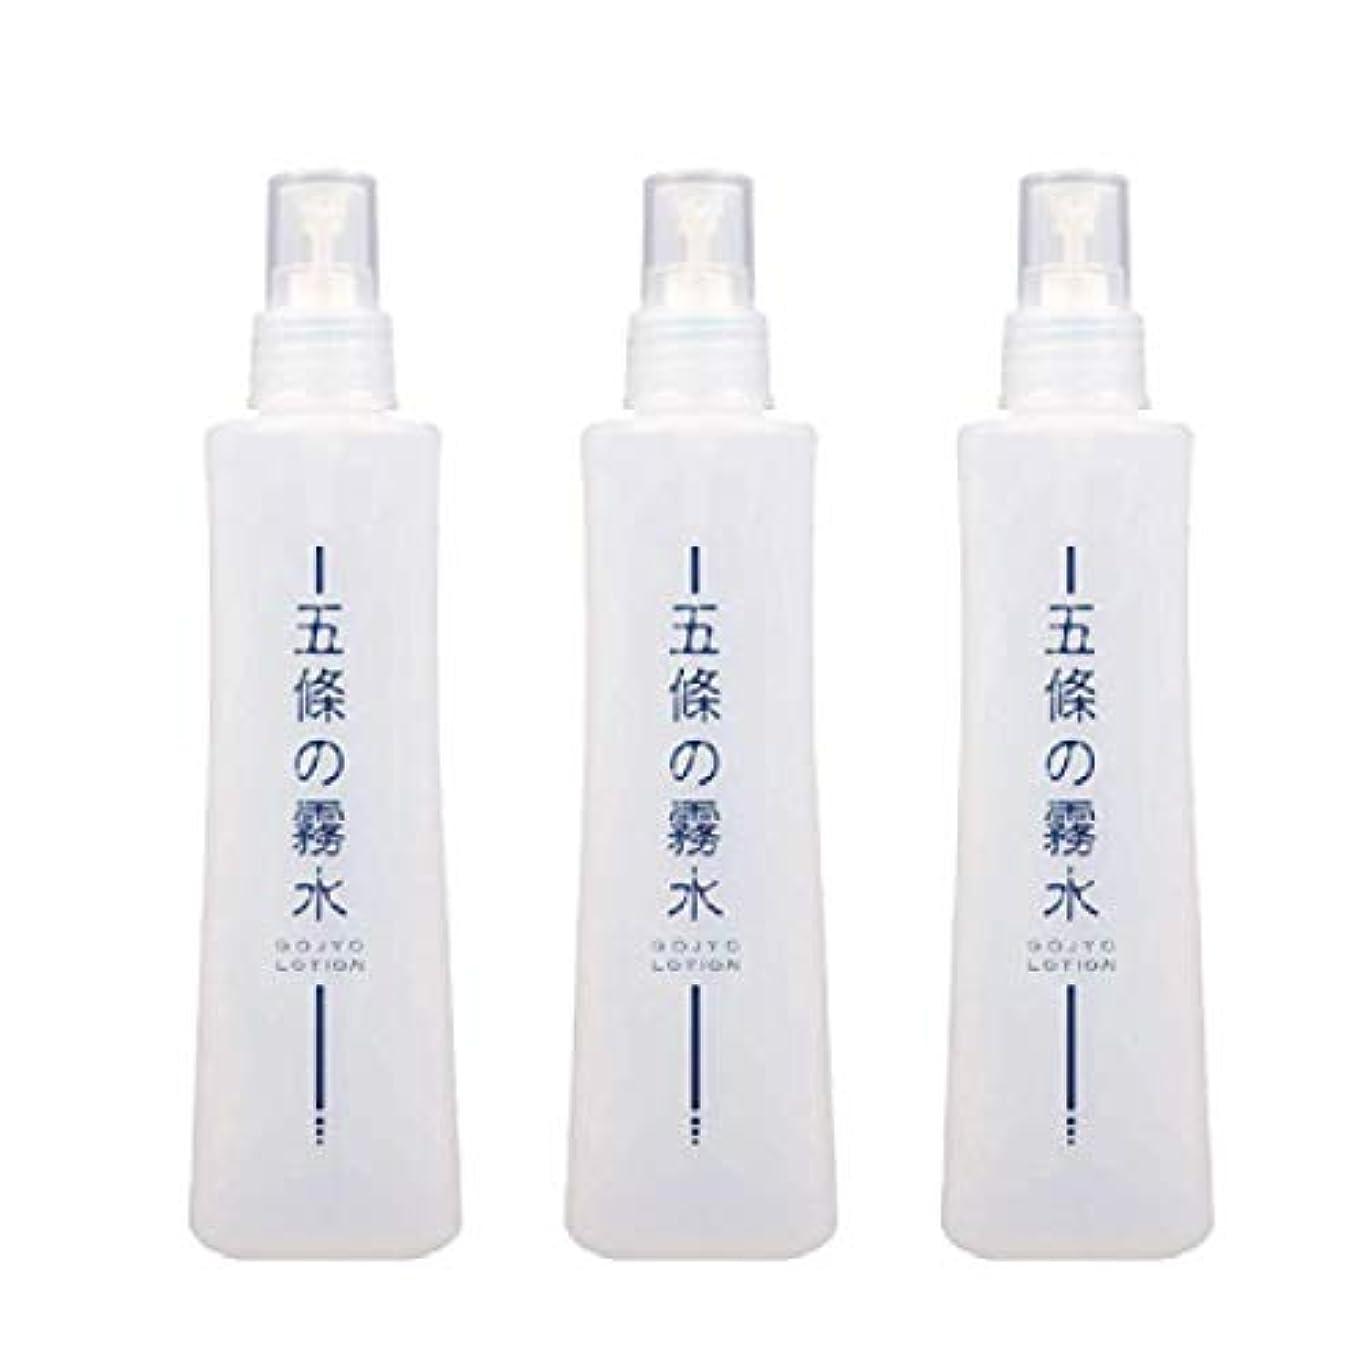 プレート引用掘る五條の霧水ベーシック(3本セット) +アレッポの石鹸1個プレゼント 無添加保湿化粧水